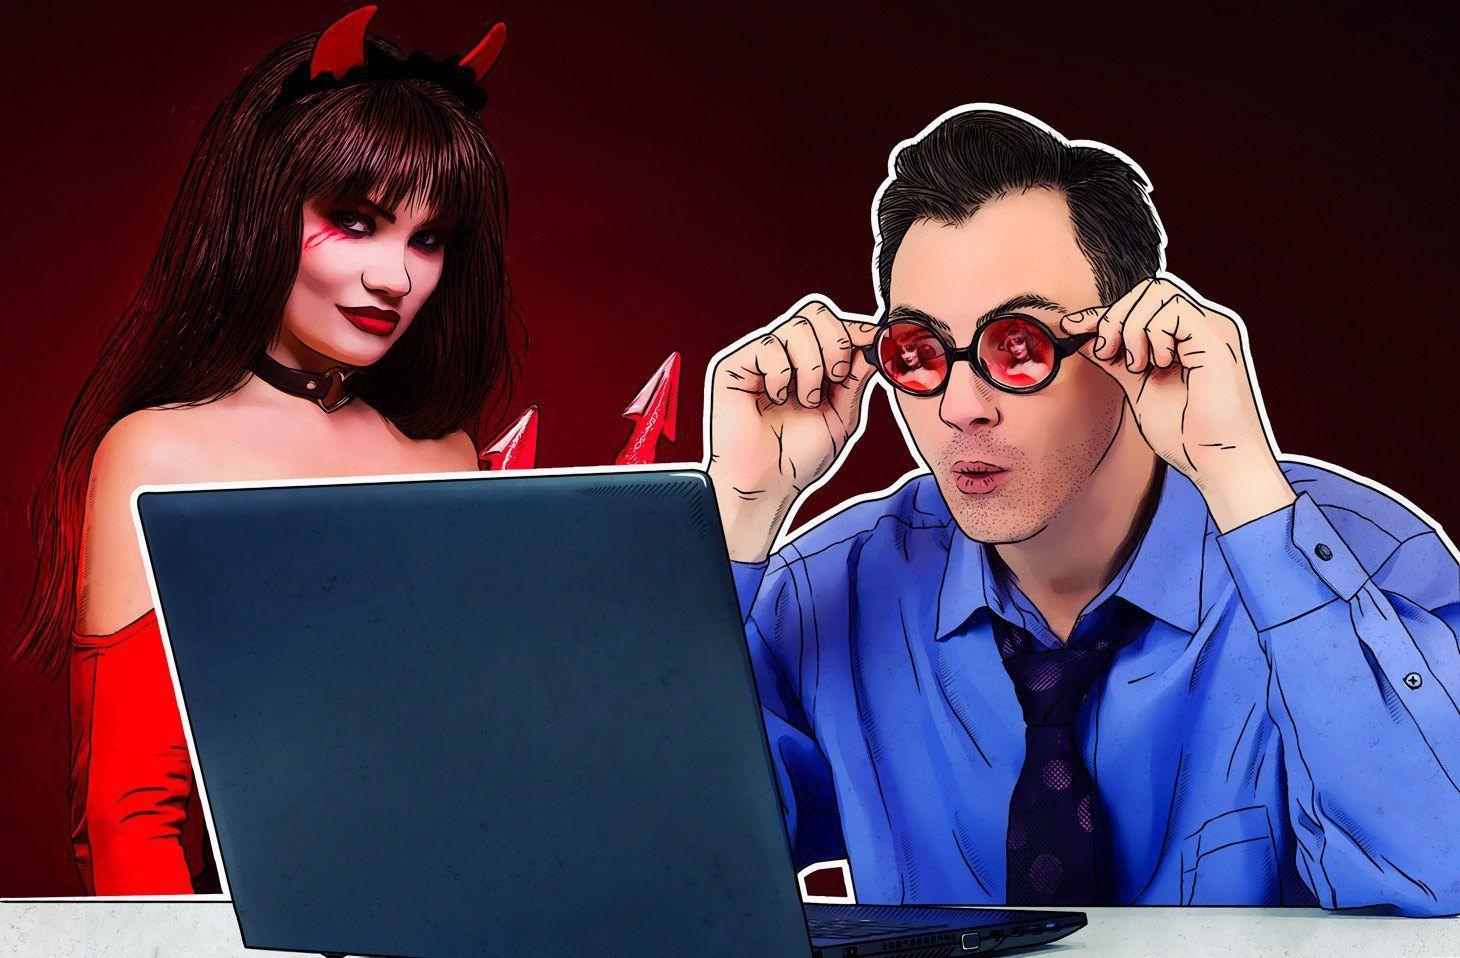 sitios webs adultos privacidad seguridad precaucion